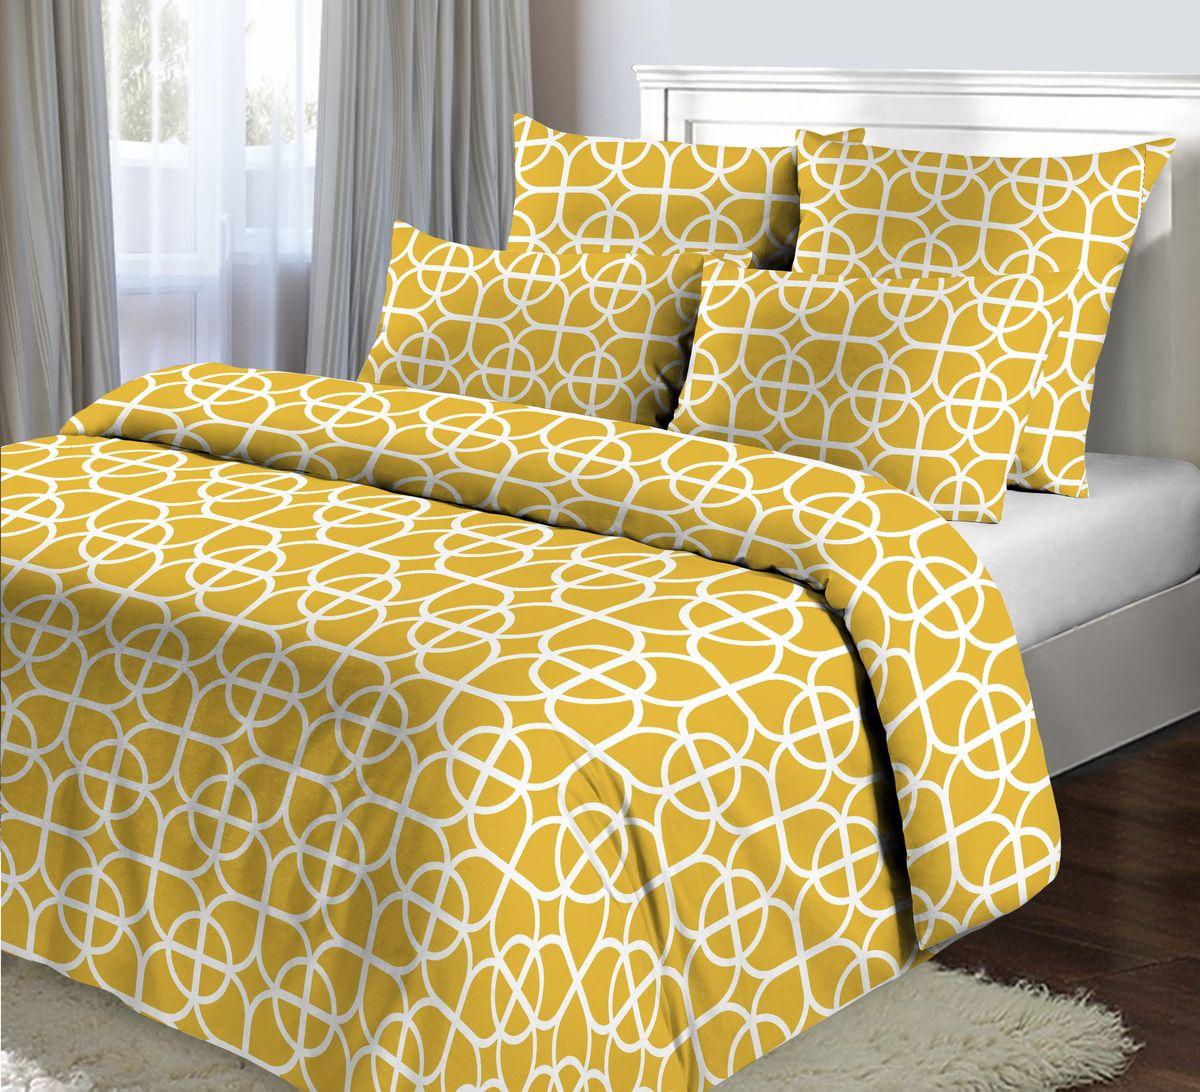 Комплект белья Коллекция Гео-3, 2,5-спальный, наволочки 50х70ОБК-2,5/50 5047.5